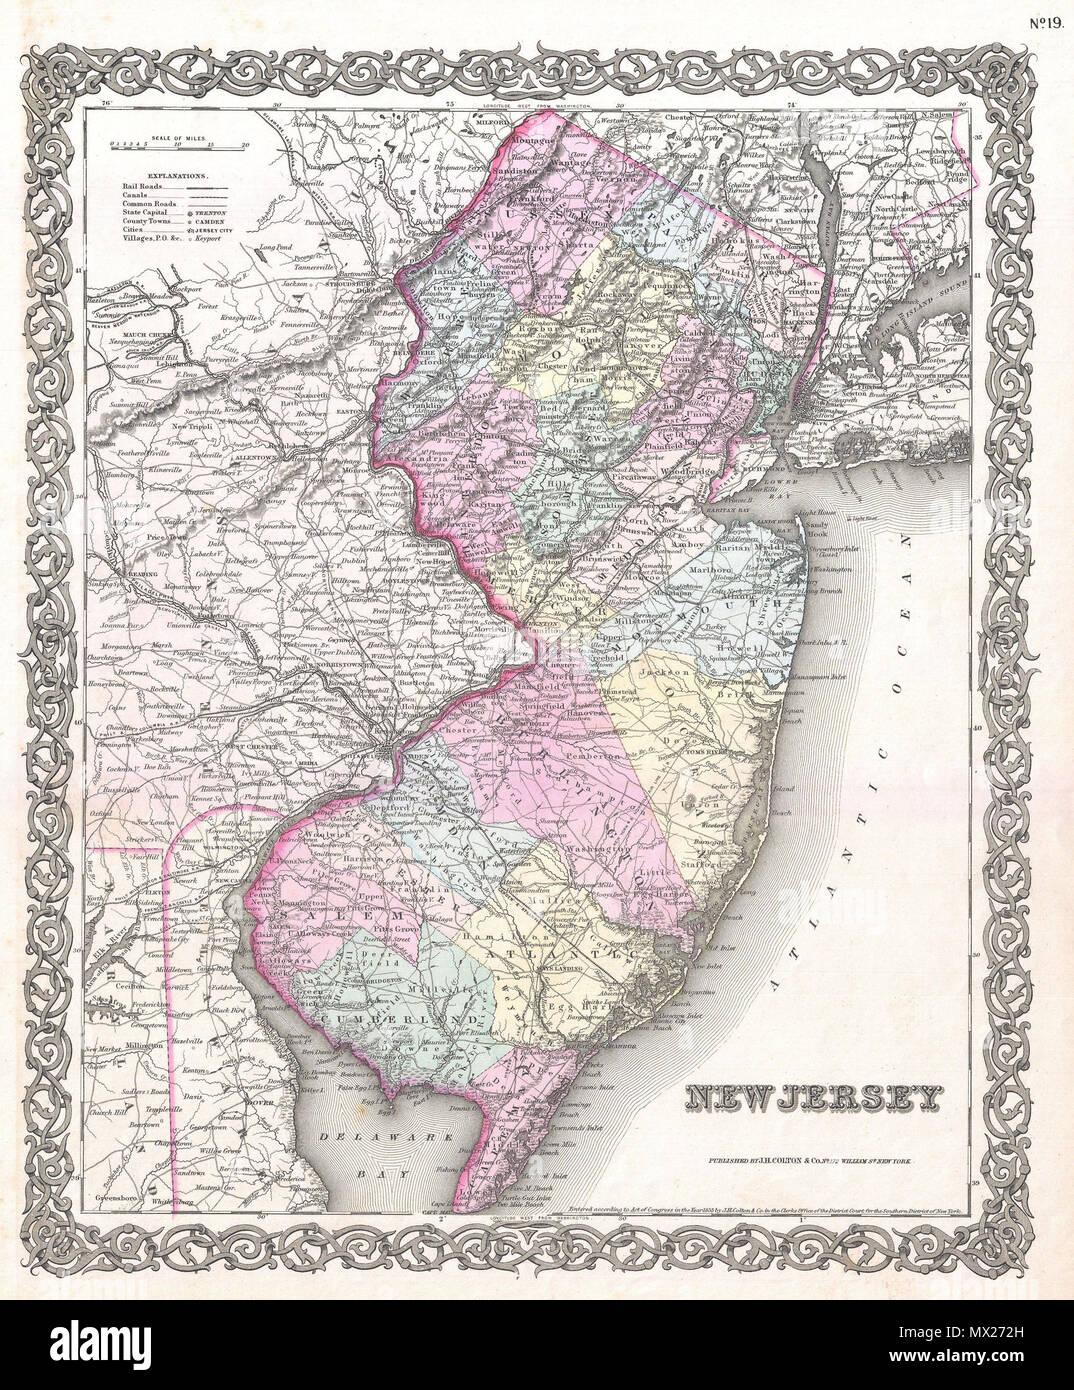 Gemütlich Karte Der Vereinigten Staaten Färbung Seite Ideen ...